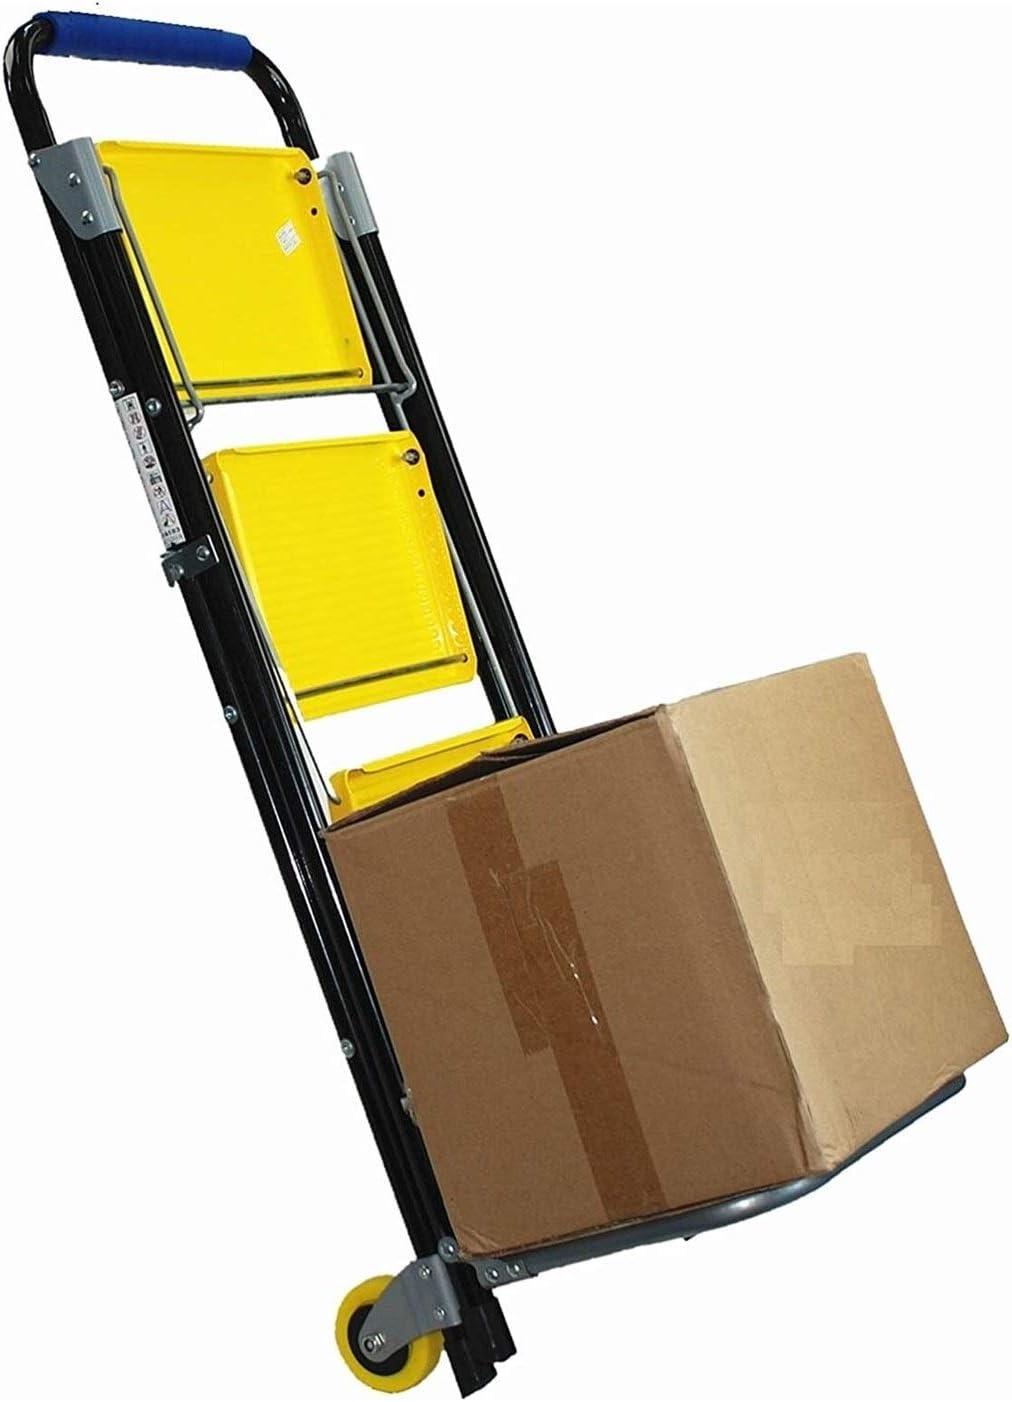 Amarillo 2 en 1 Carretilla Plegable con 3 Escalera Plegable de Seguridad no Slip Mat Acero Resistente port/átil Plegable de Cocina heces Inicio Herramienta for el jard/ín de Bricolaje